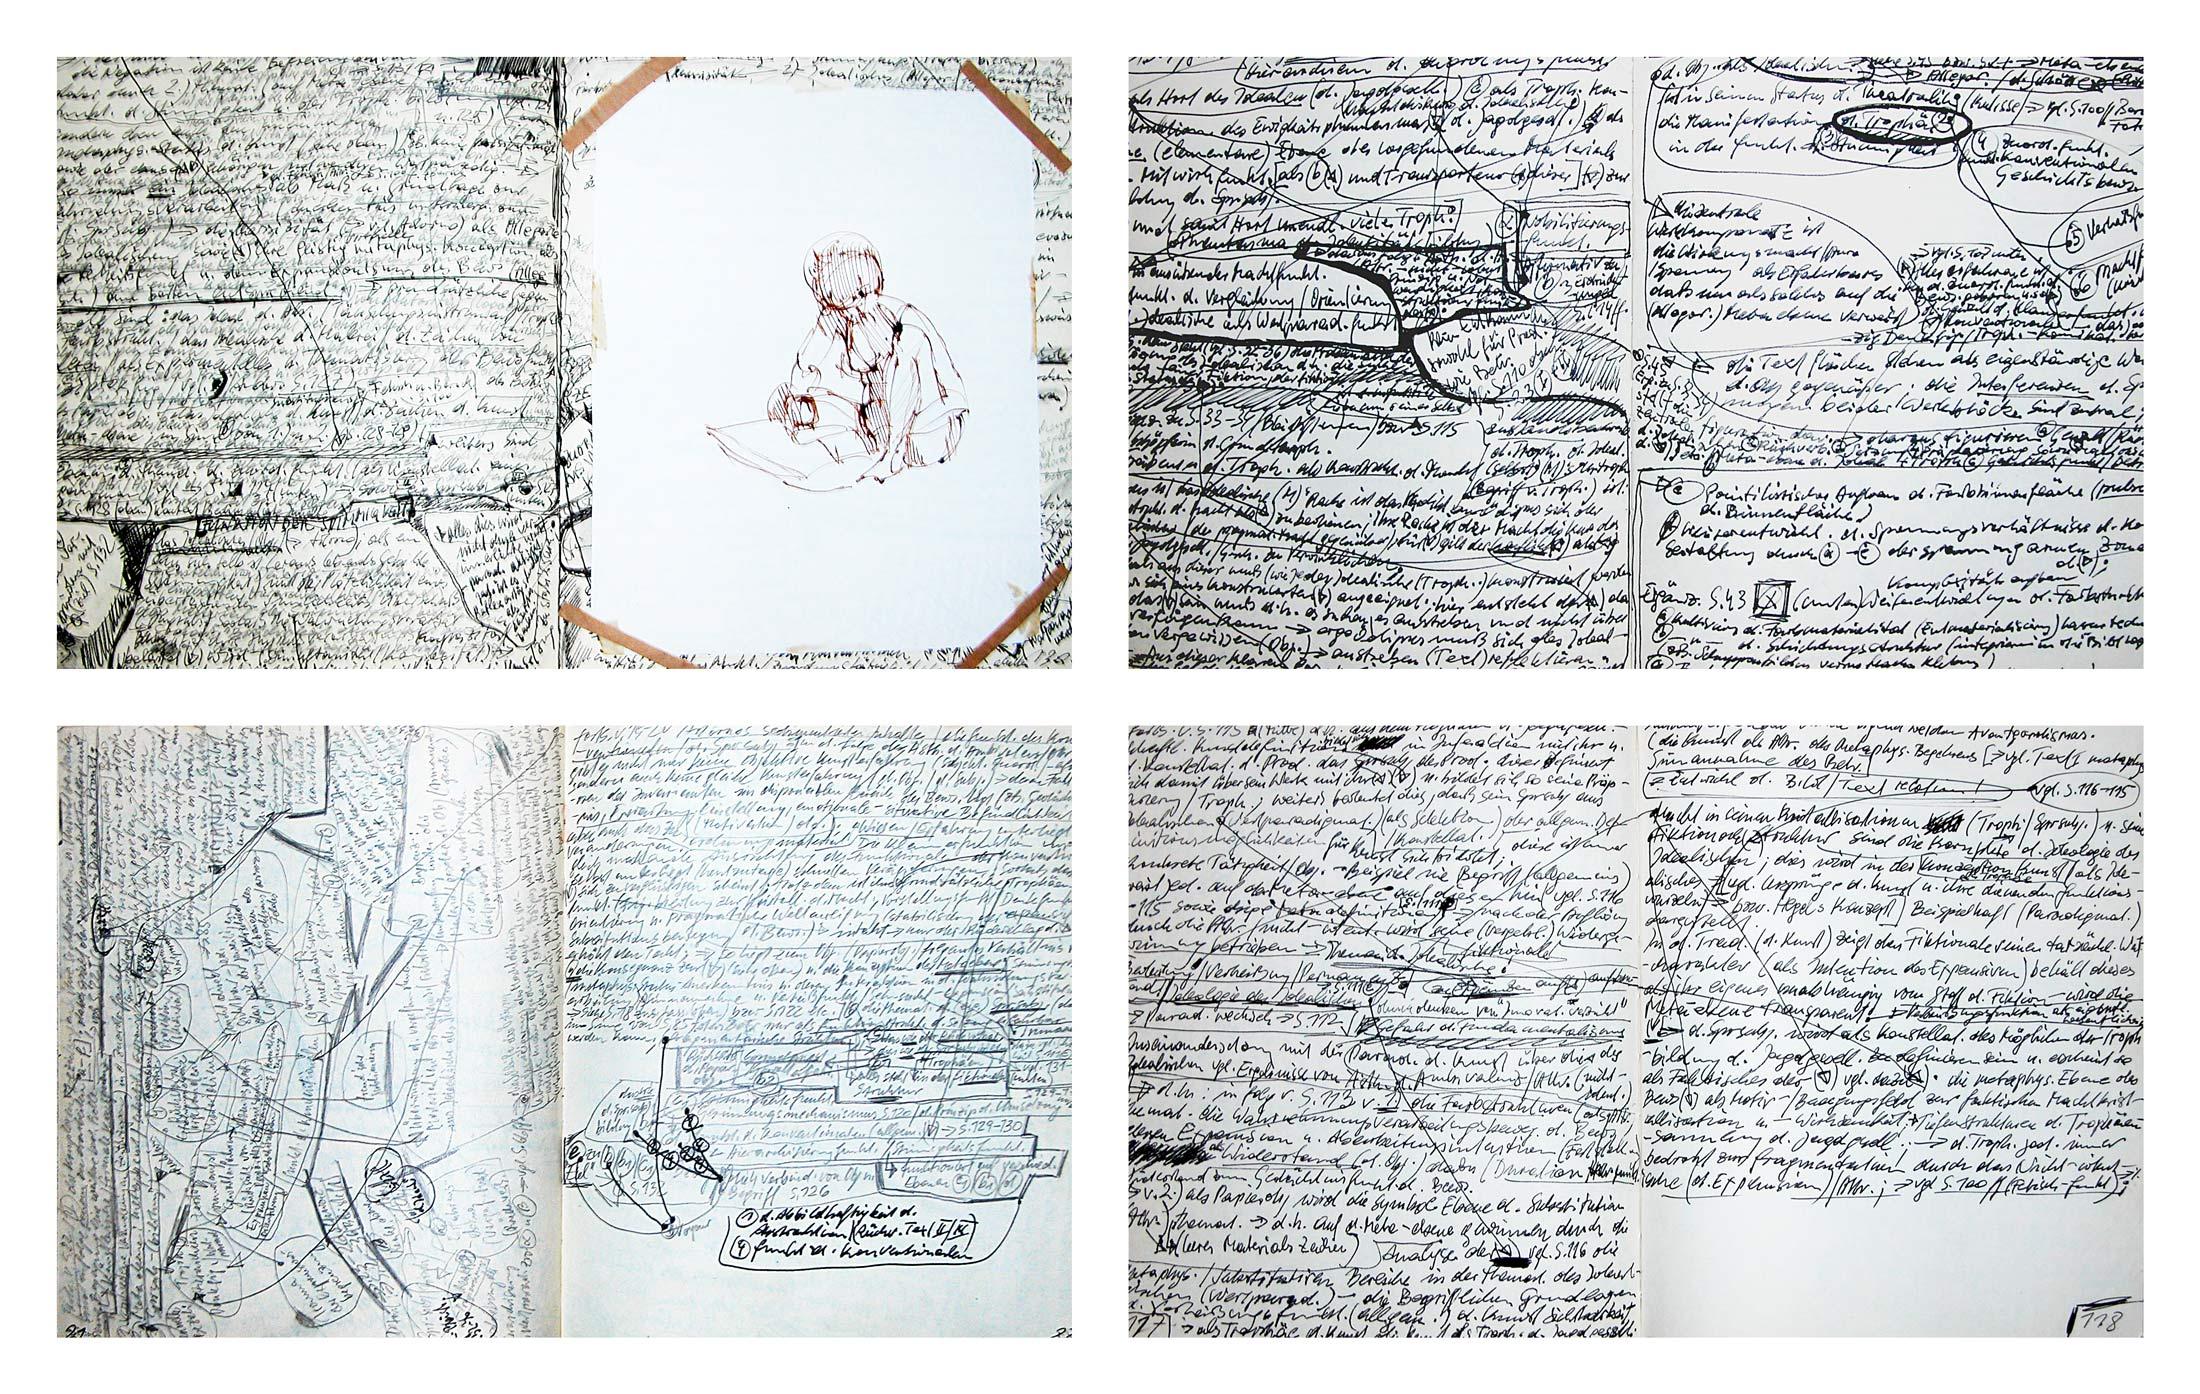 Notizen zu Kunst der Attrappe 1980-1990